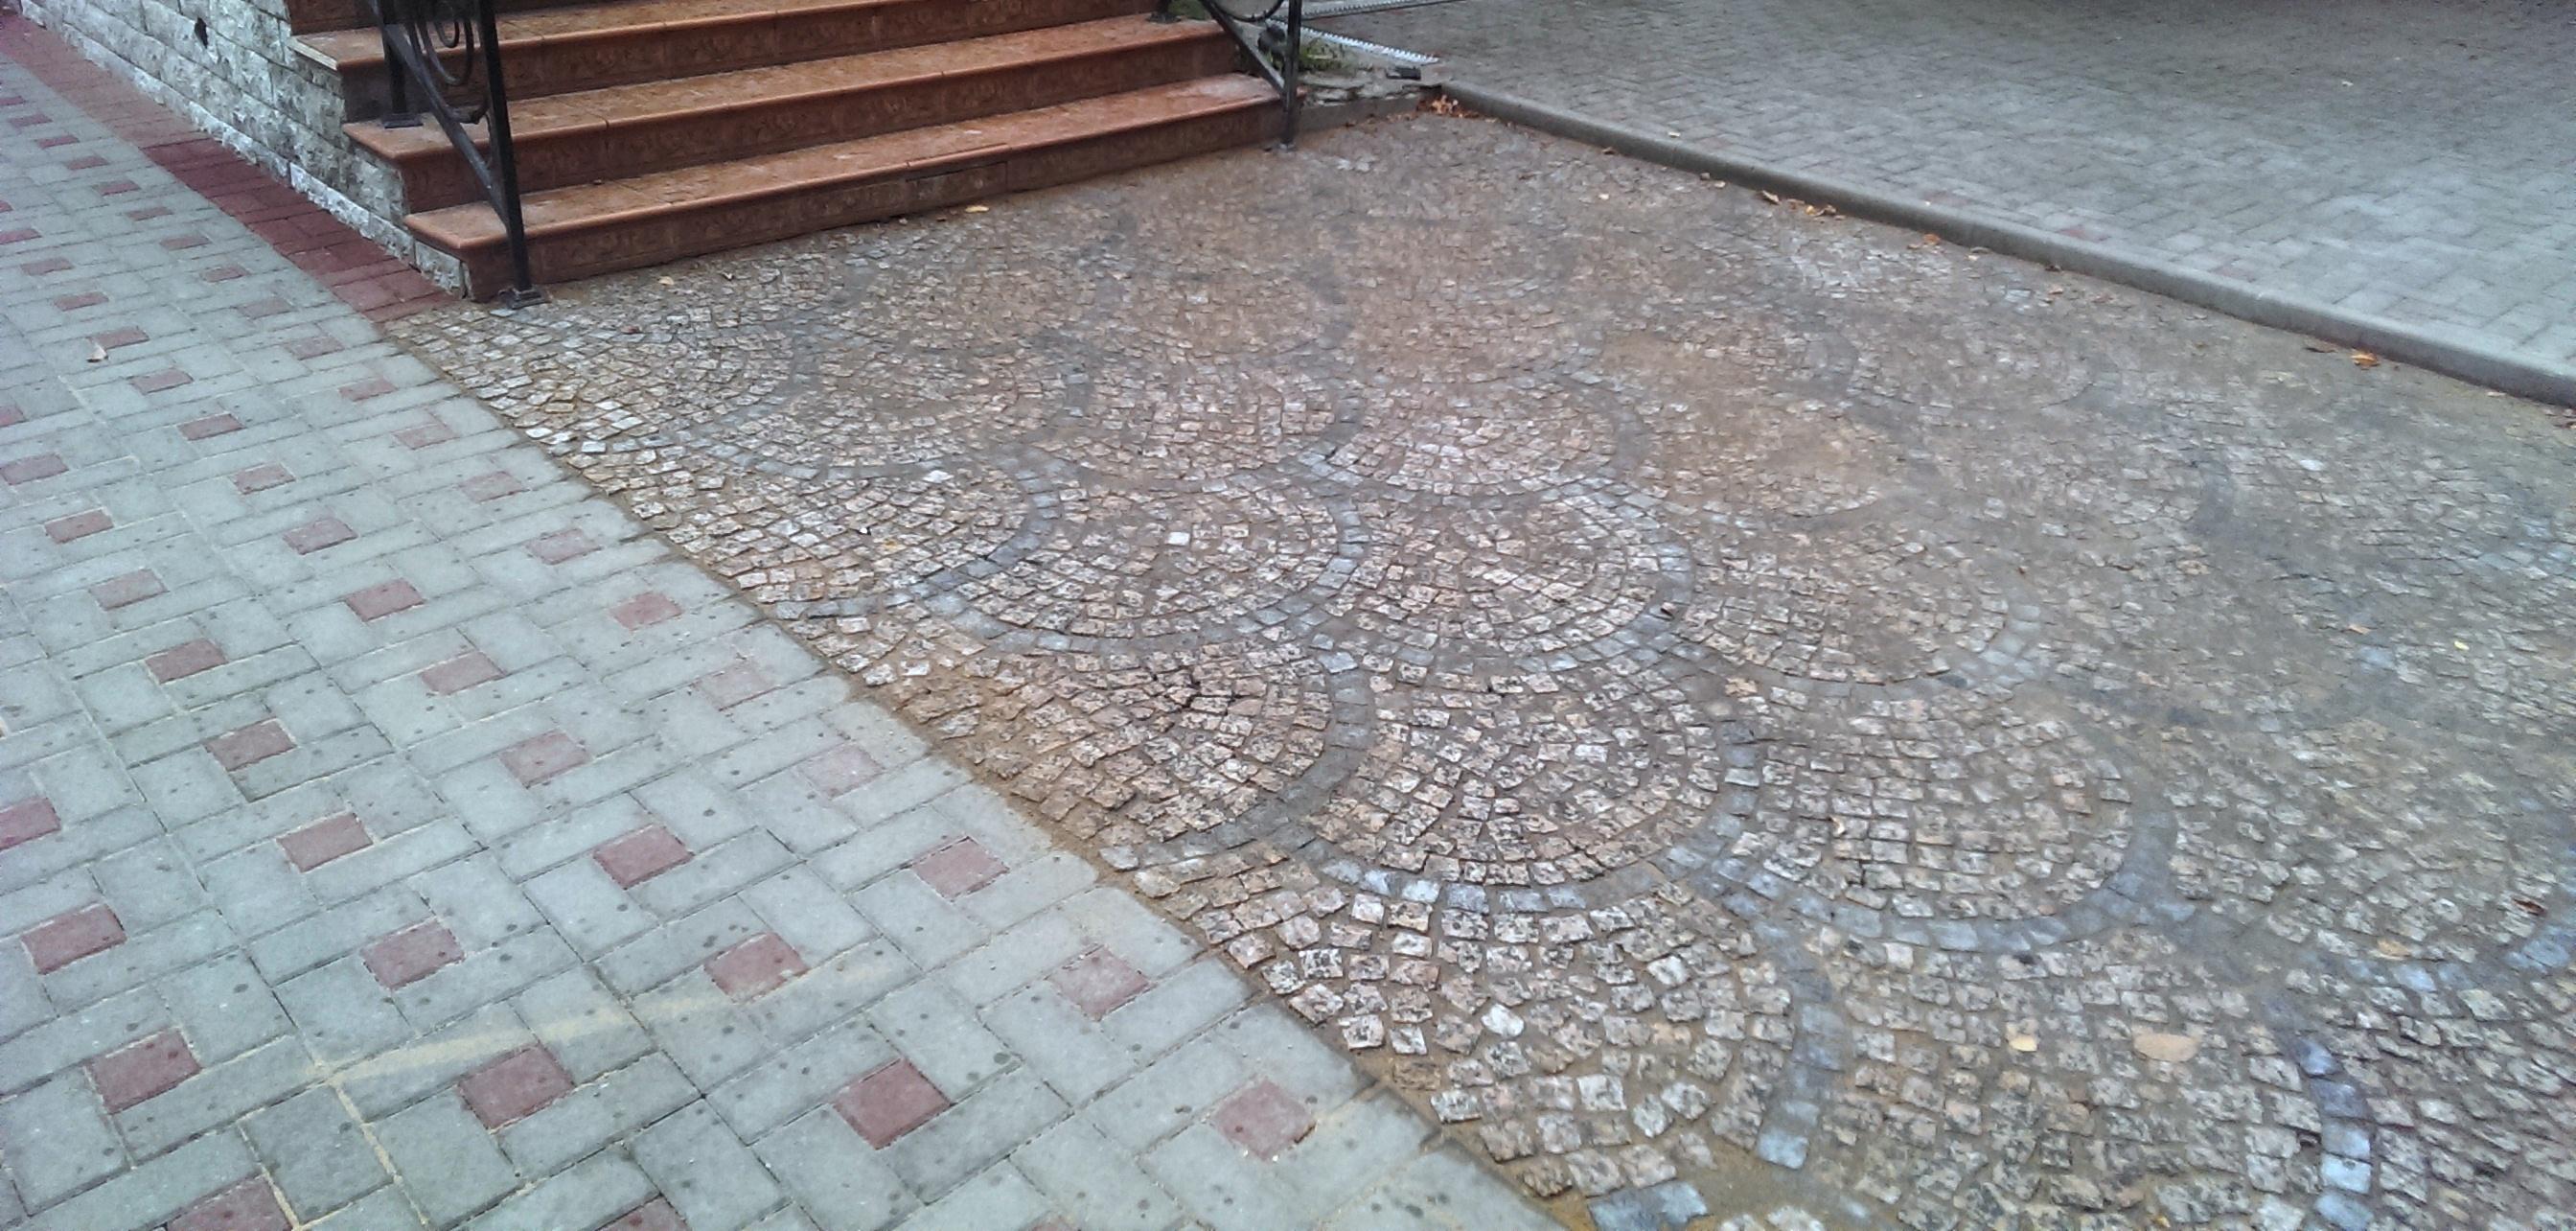 http://plitka-omsk55.ru/images/upload/IMAG2279.jpg